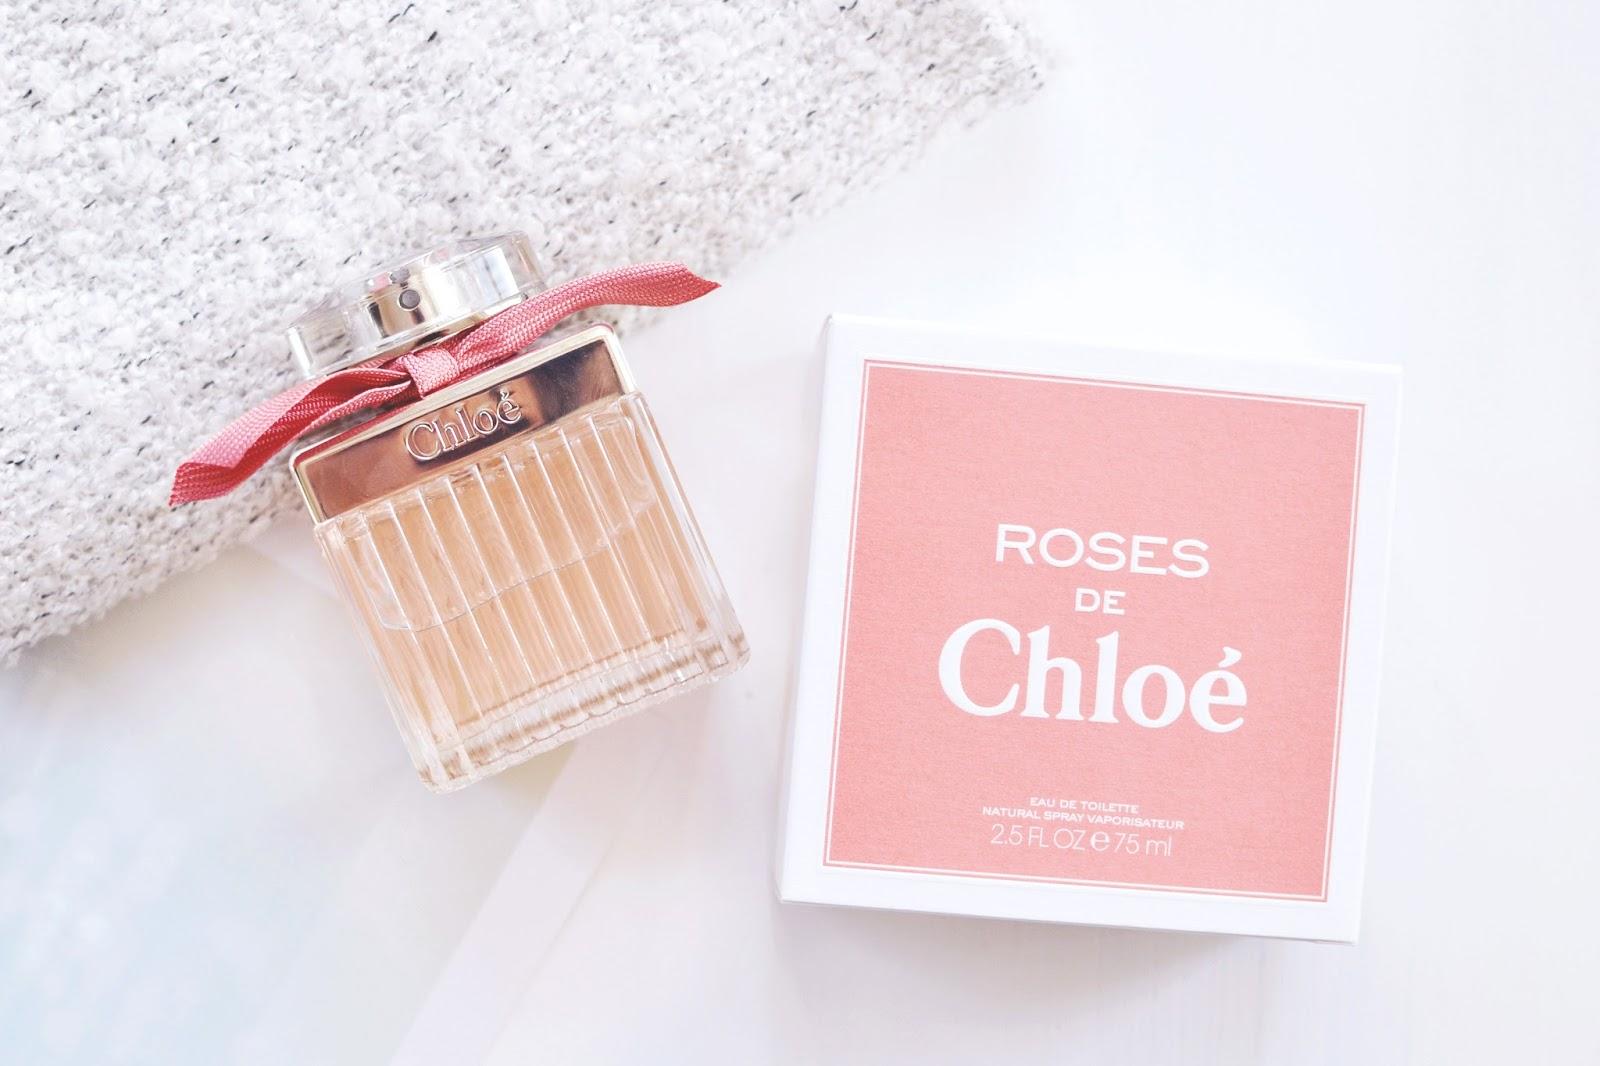 Roses De Chloé Perfume, chloe perfumes